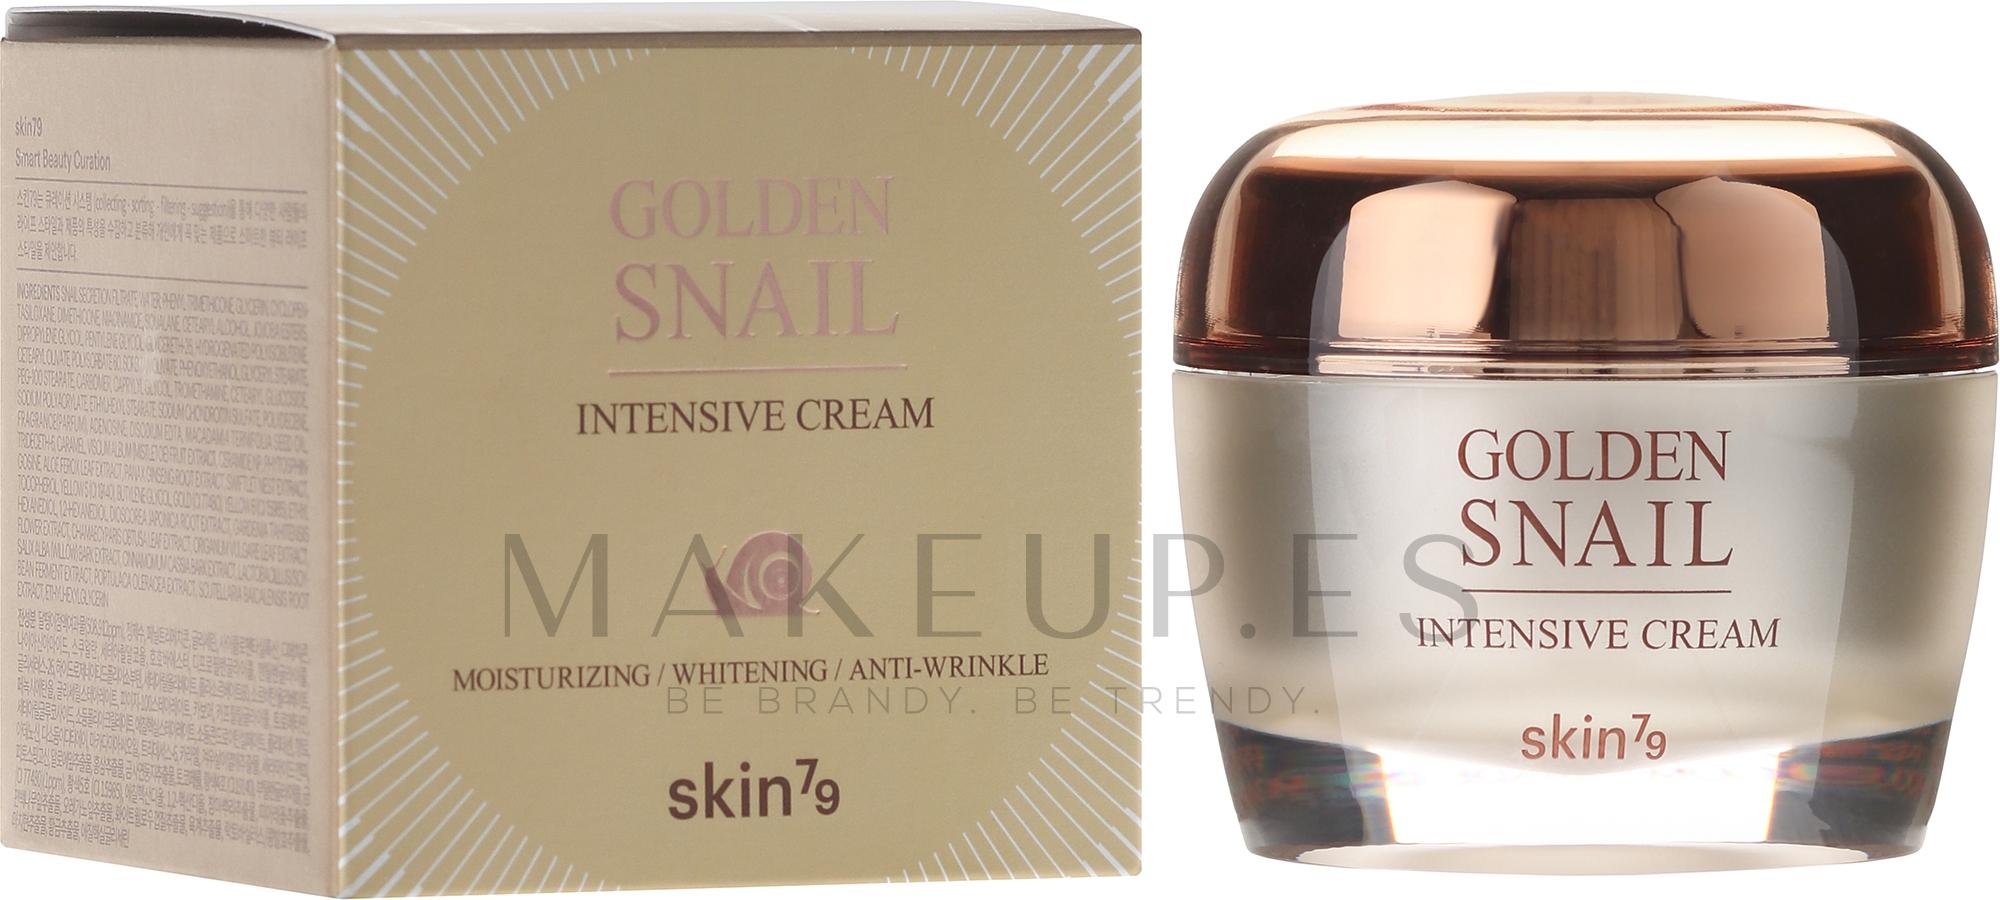 Crema facial antiedad con baba de caracol dorado - Skin79 Golden Snail Intensive Cream — imagen 50 ml